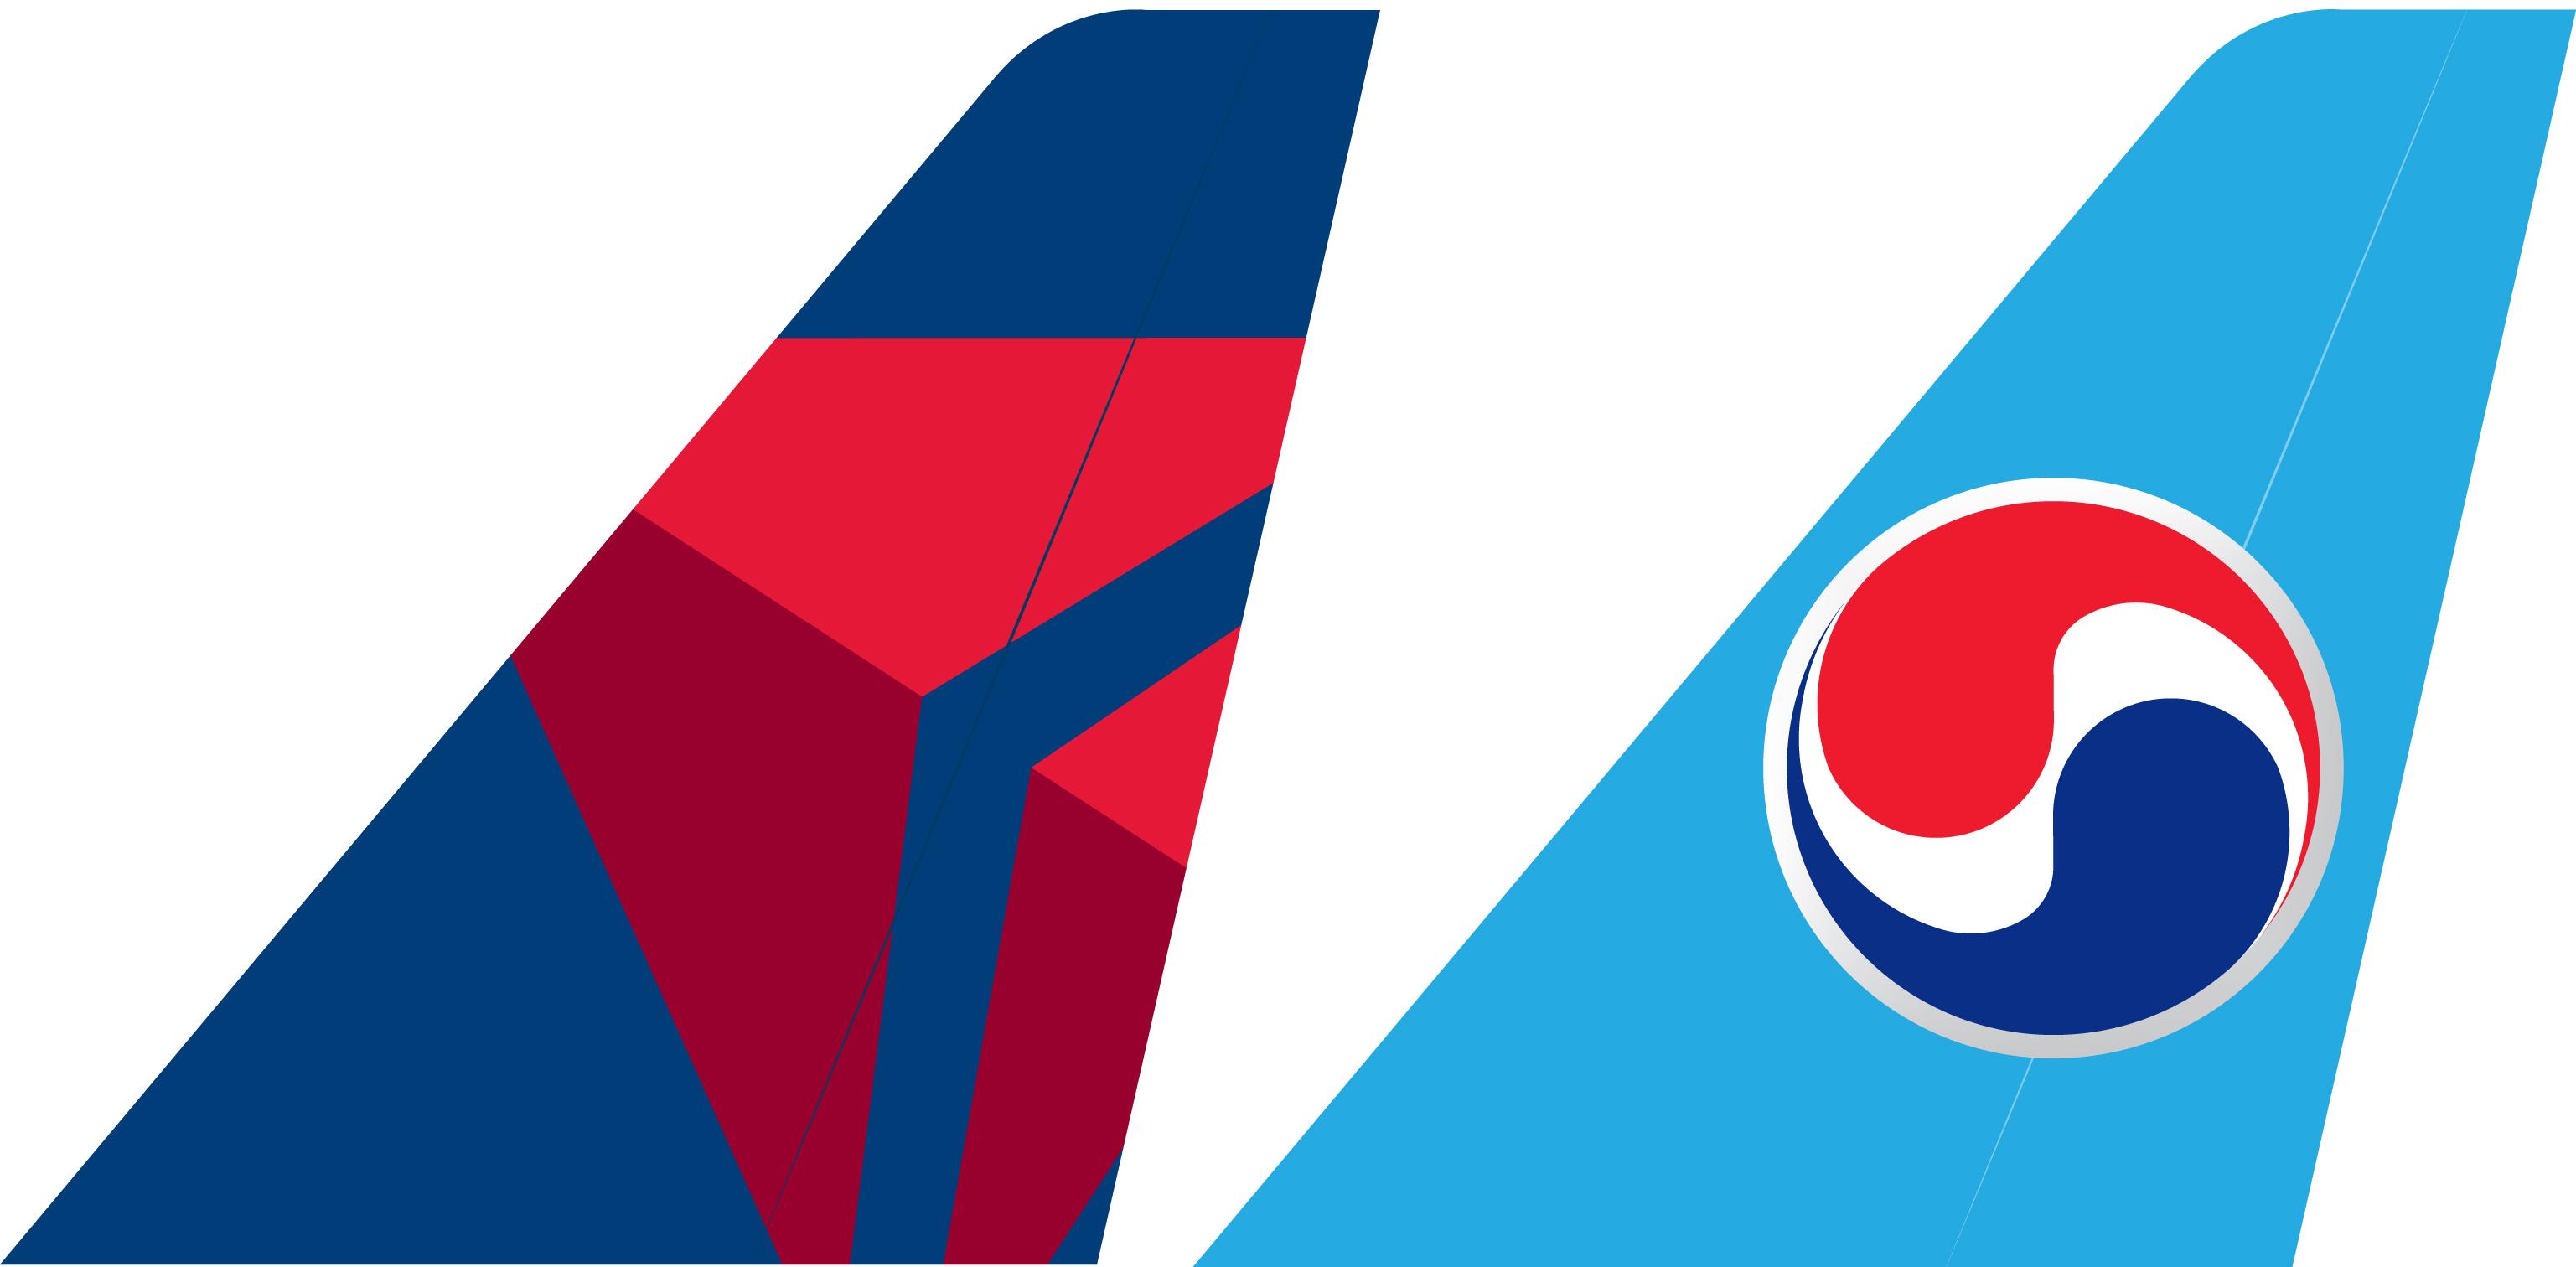 デルタ航空と大韓航空、太平洋路線で共同事業を開始、2社での運航・営業・マーケティングなど協力体制を強化